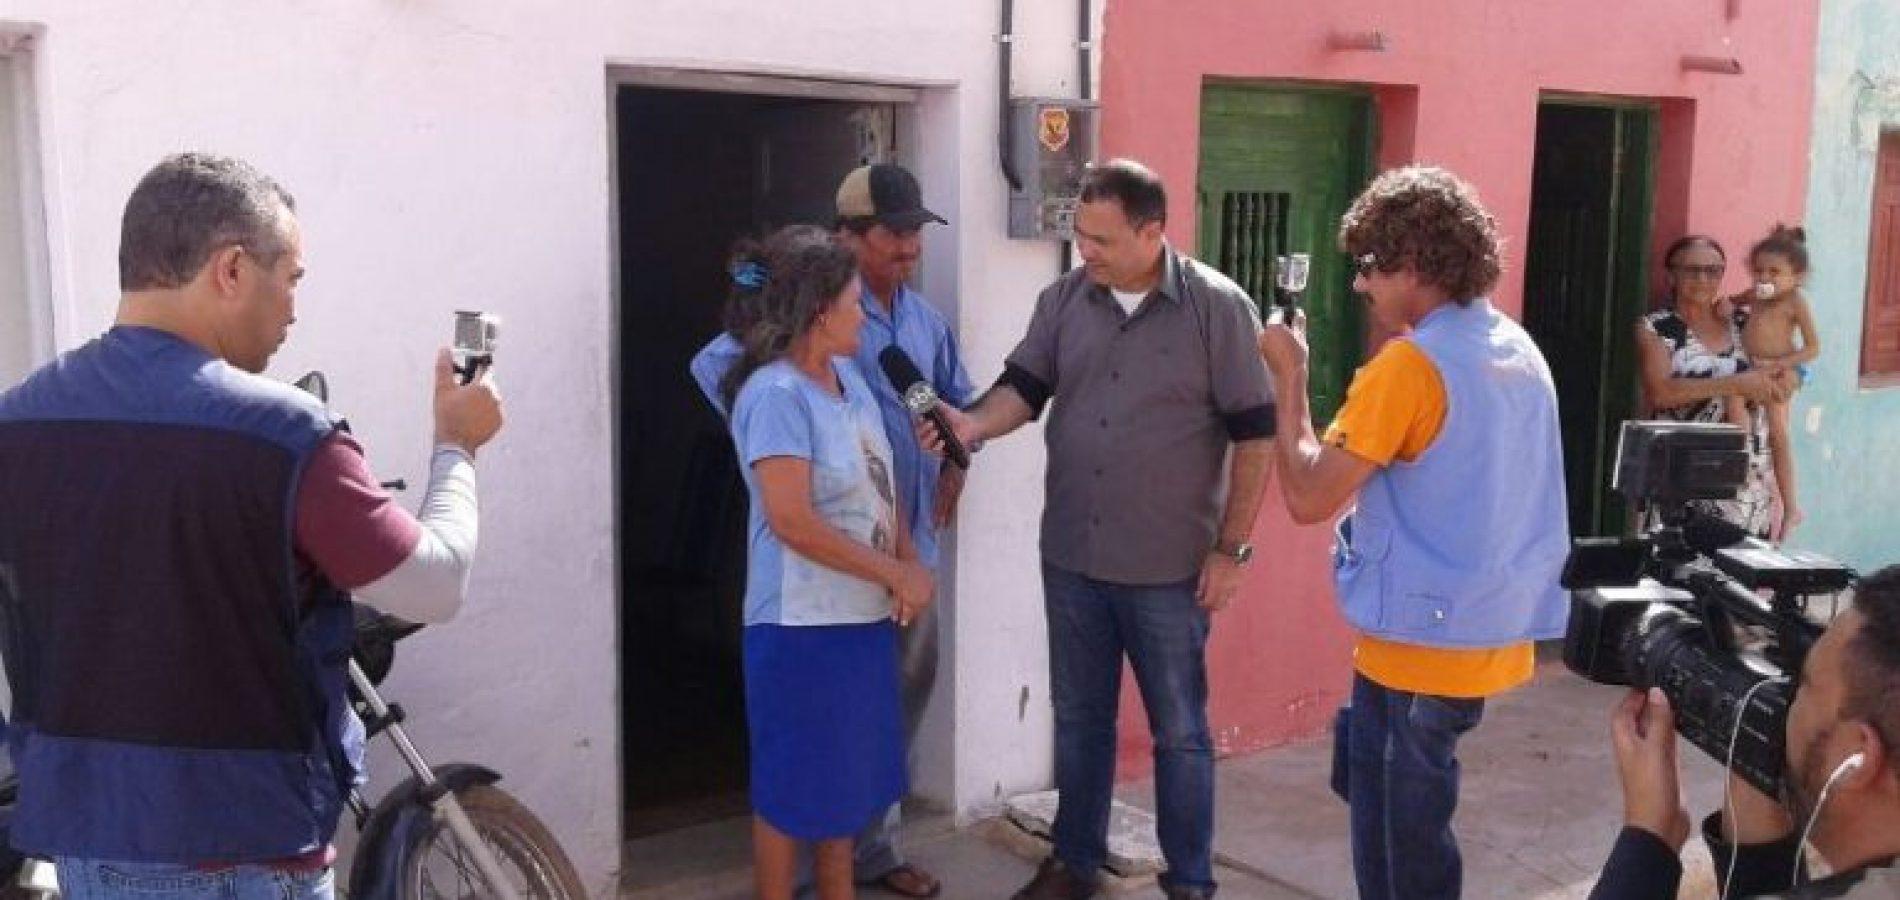 Programa do Ratinho grava quadro 'Voltando Para Minha Casa' no interior de São Julião